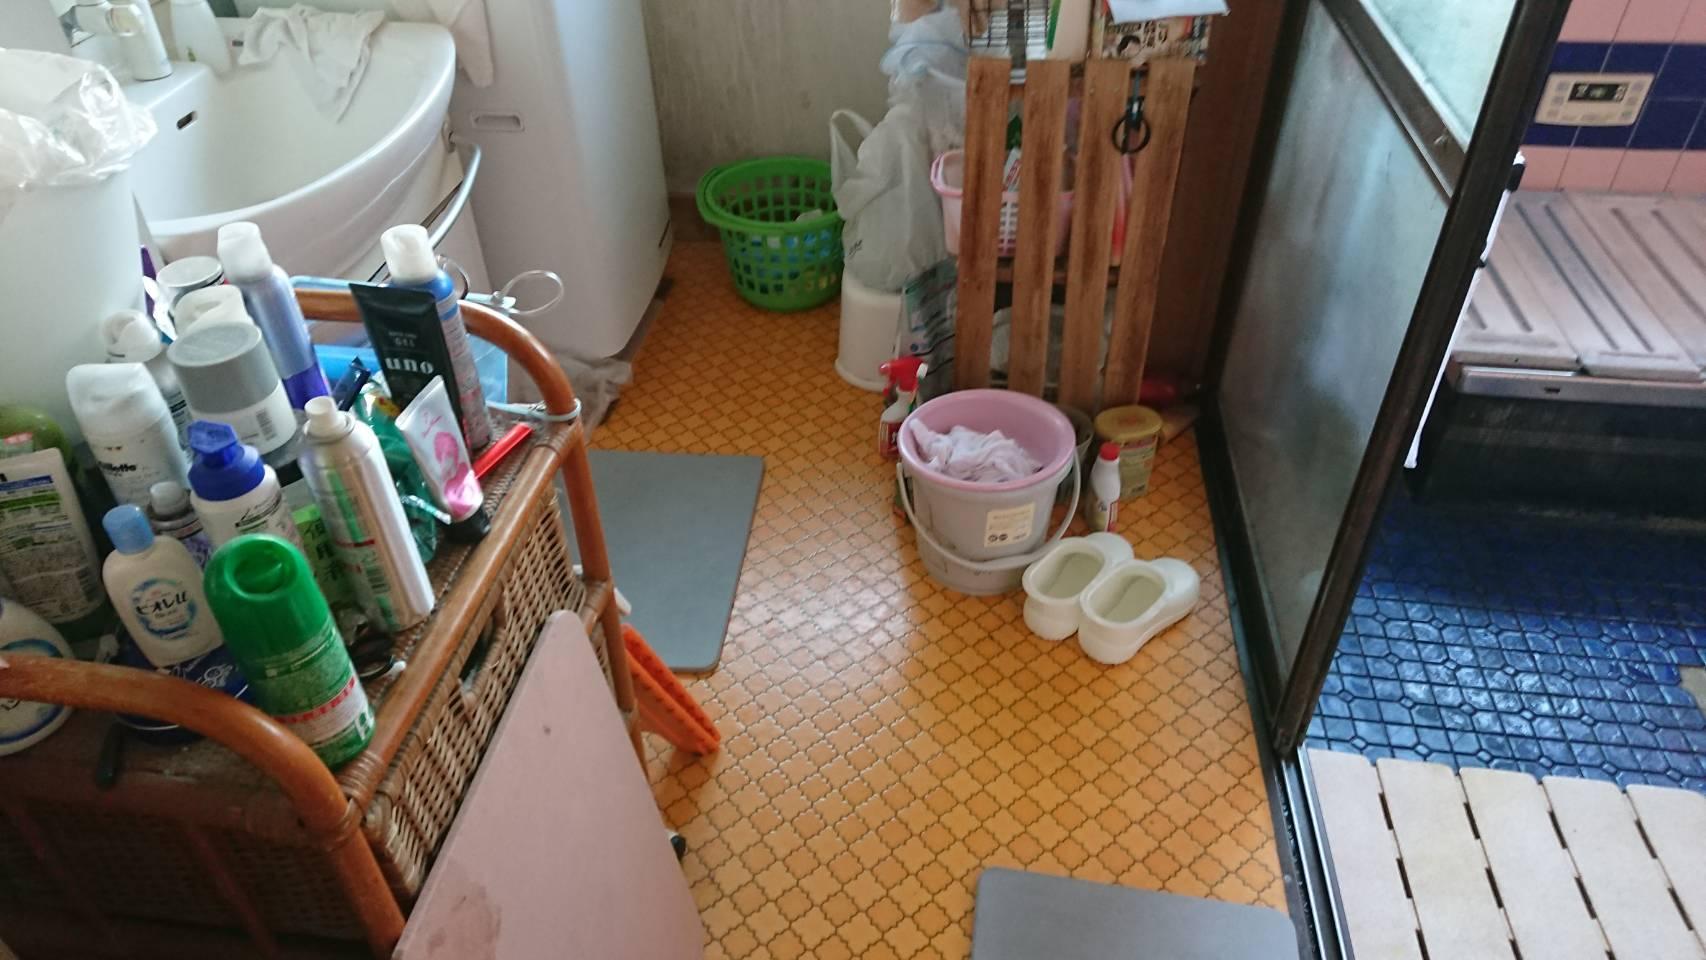 脱衣洗面所のリフォーム